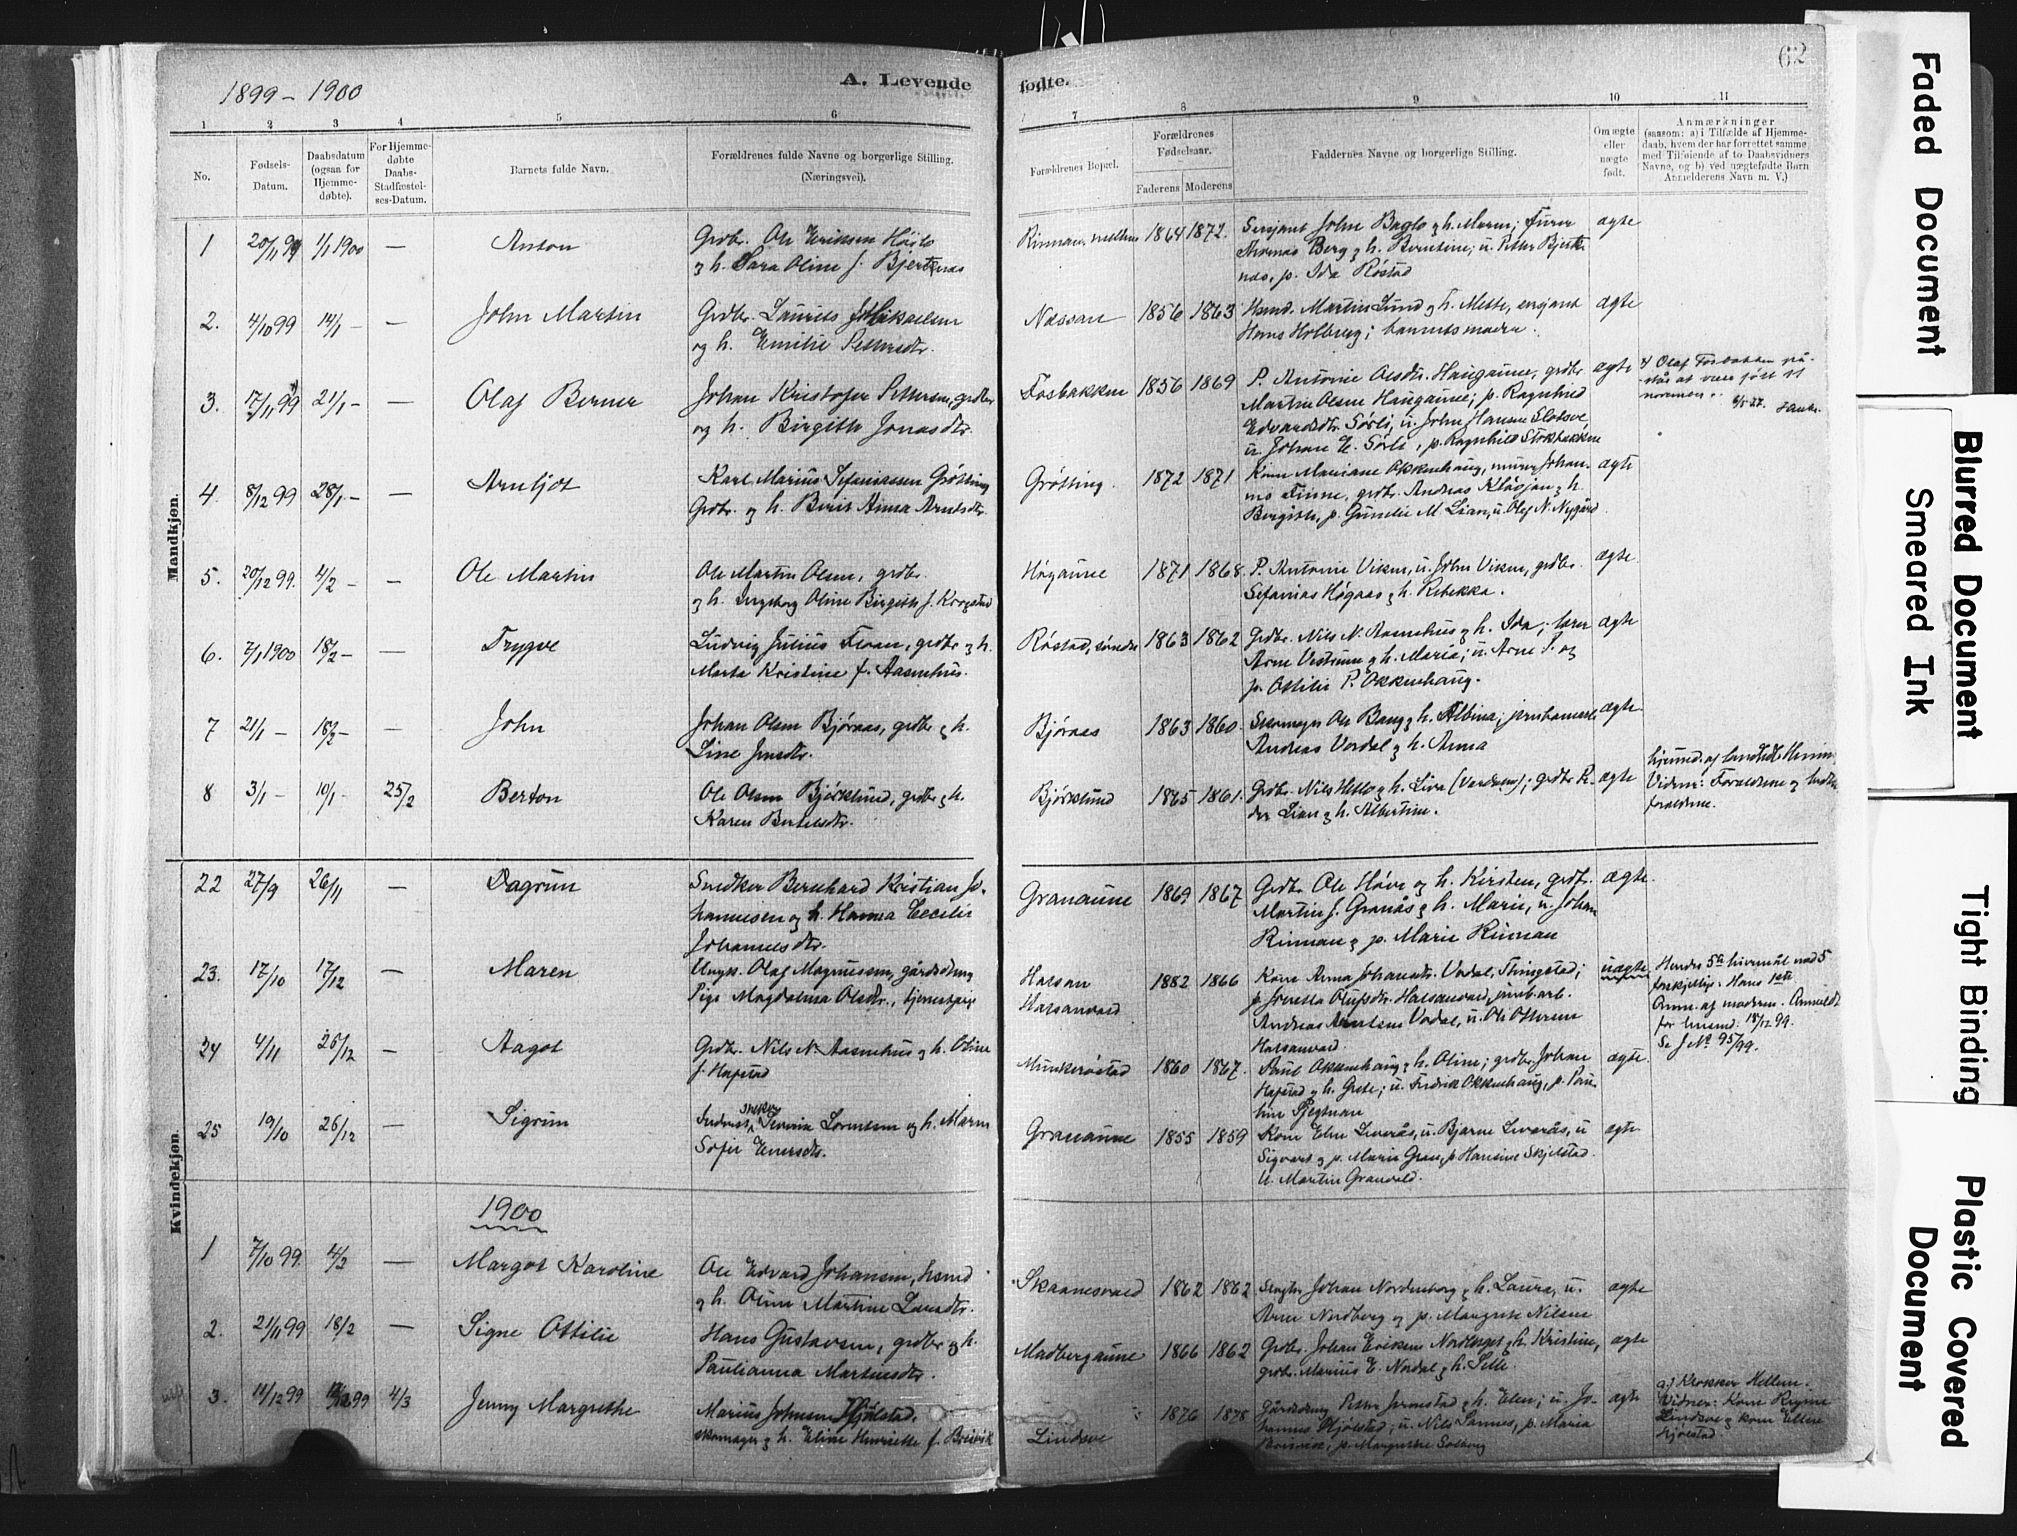 SAT, Ministerialprotokoller, klokkerbøker og fødselsregistre - Nord-Trøndelag, 721/L0207: Ministerialbok nr. 721A02, 1880-1911, s. 62